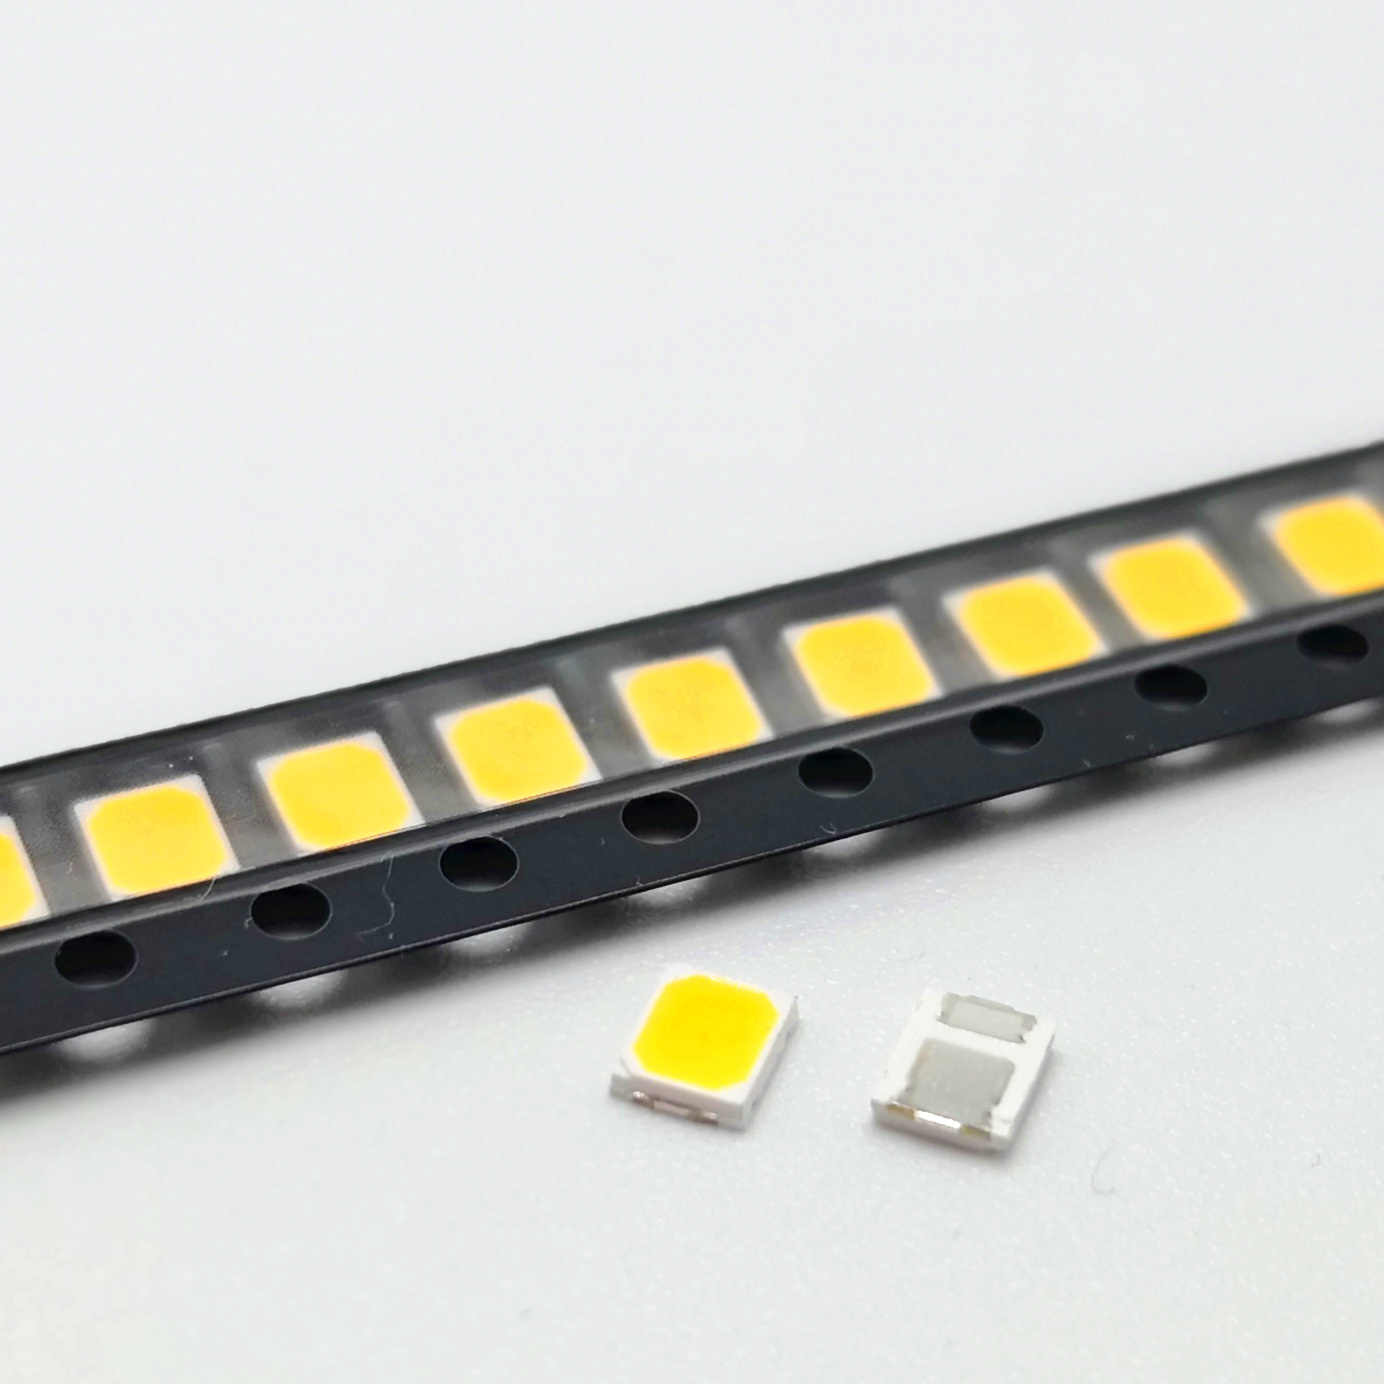 SMD led 2835 1W 0.5W عالية السطوع الأبيض 3V 6V 9V 18V 36V 350mA 150MA 100MA 30MA 60MA 50MA 3000K-6000K عدسة ليد ثنائية